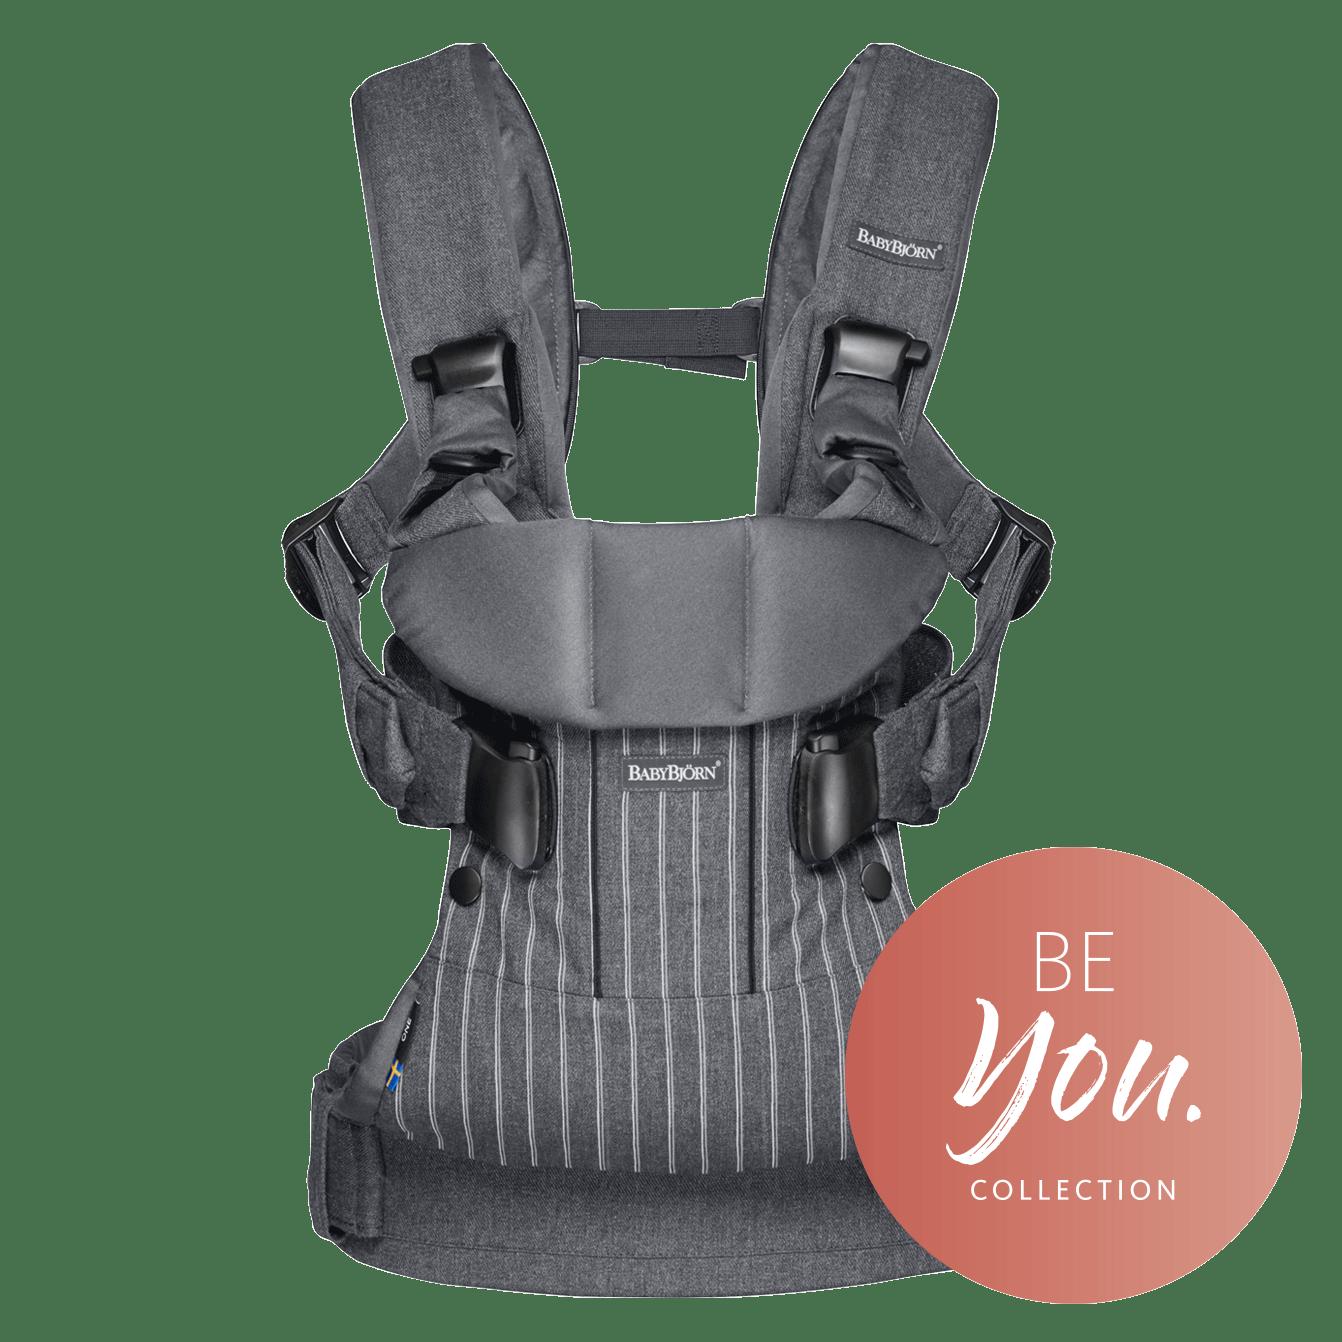 BABYBJÖRN Bärsele One i kritstreckgrå, en ergonomisk bärsele i cotton mix för nyfödda och upp till 3 års ålder.